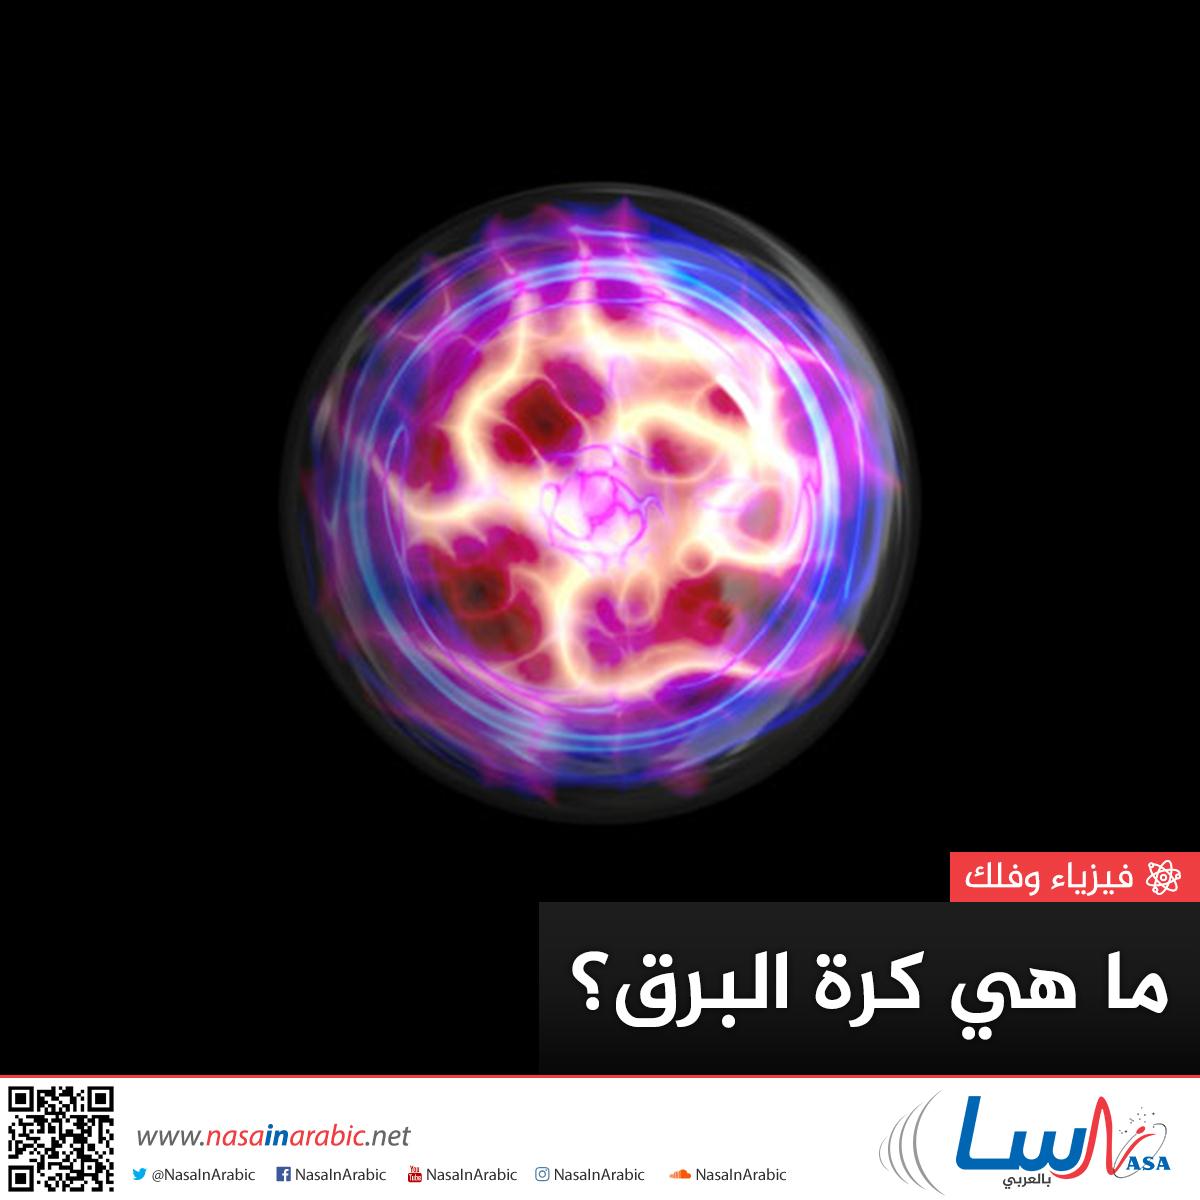 ما هي كرة البرق؟